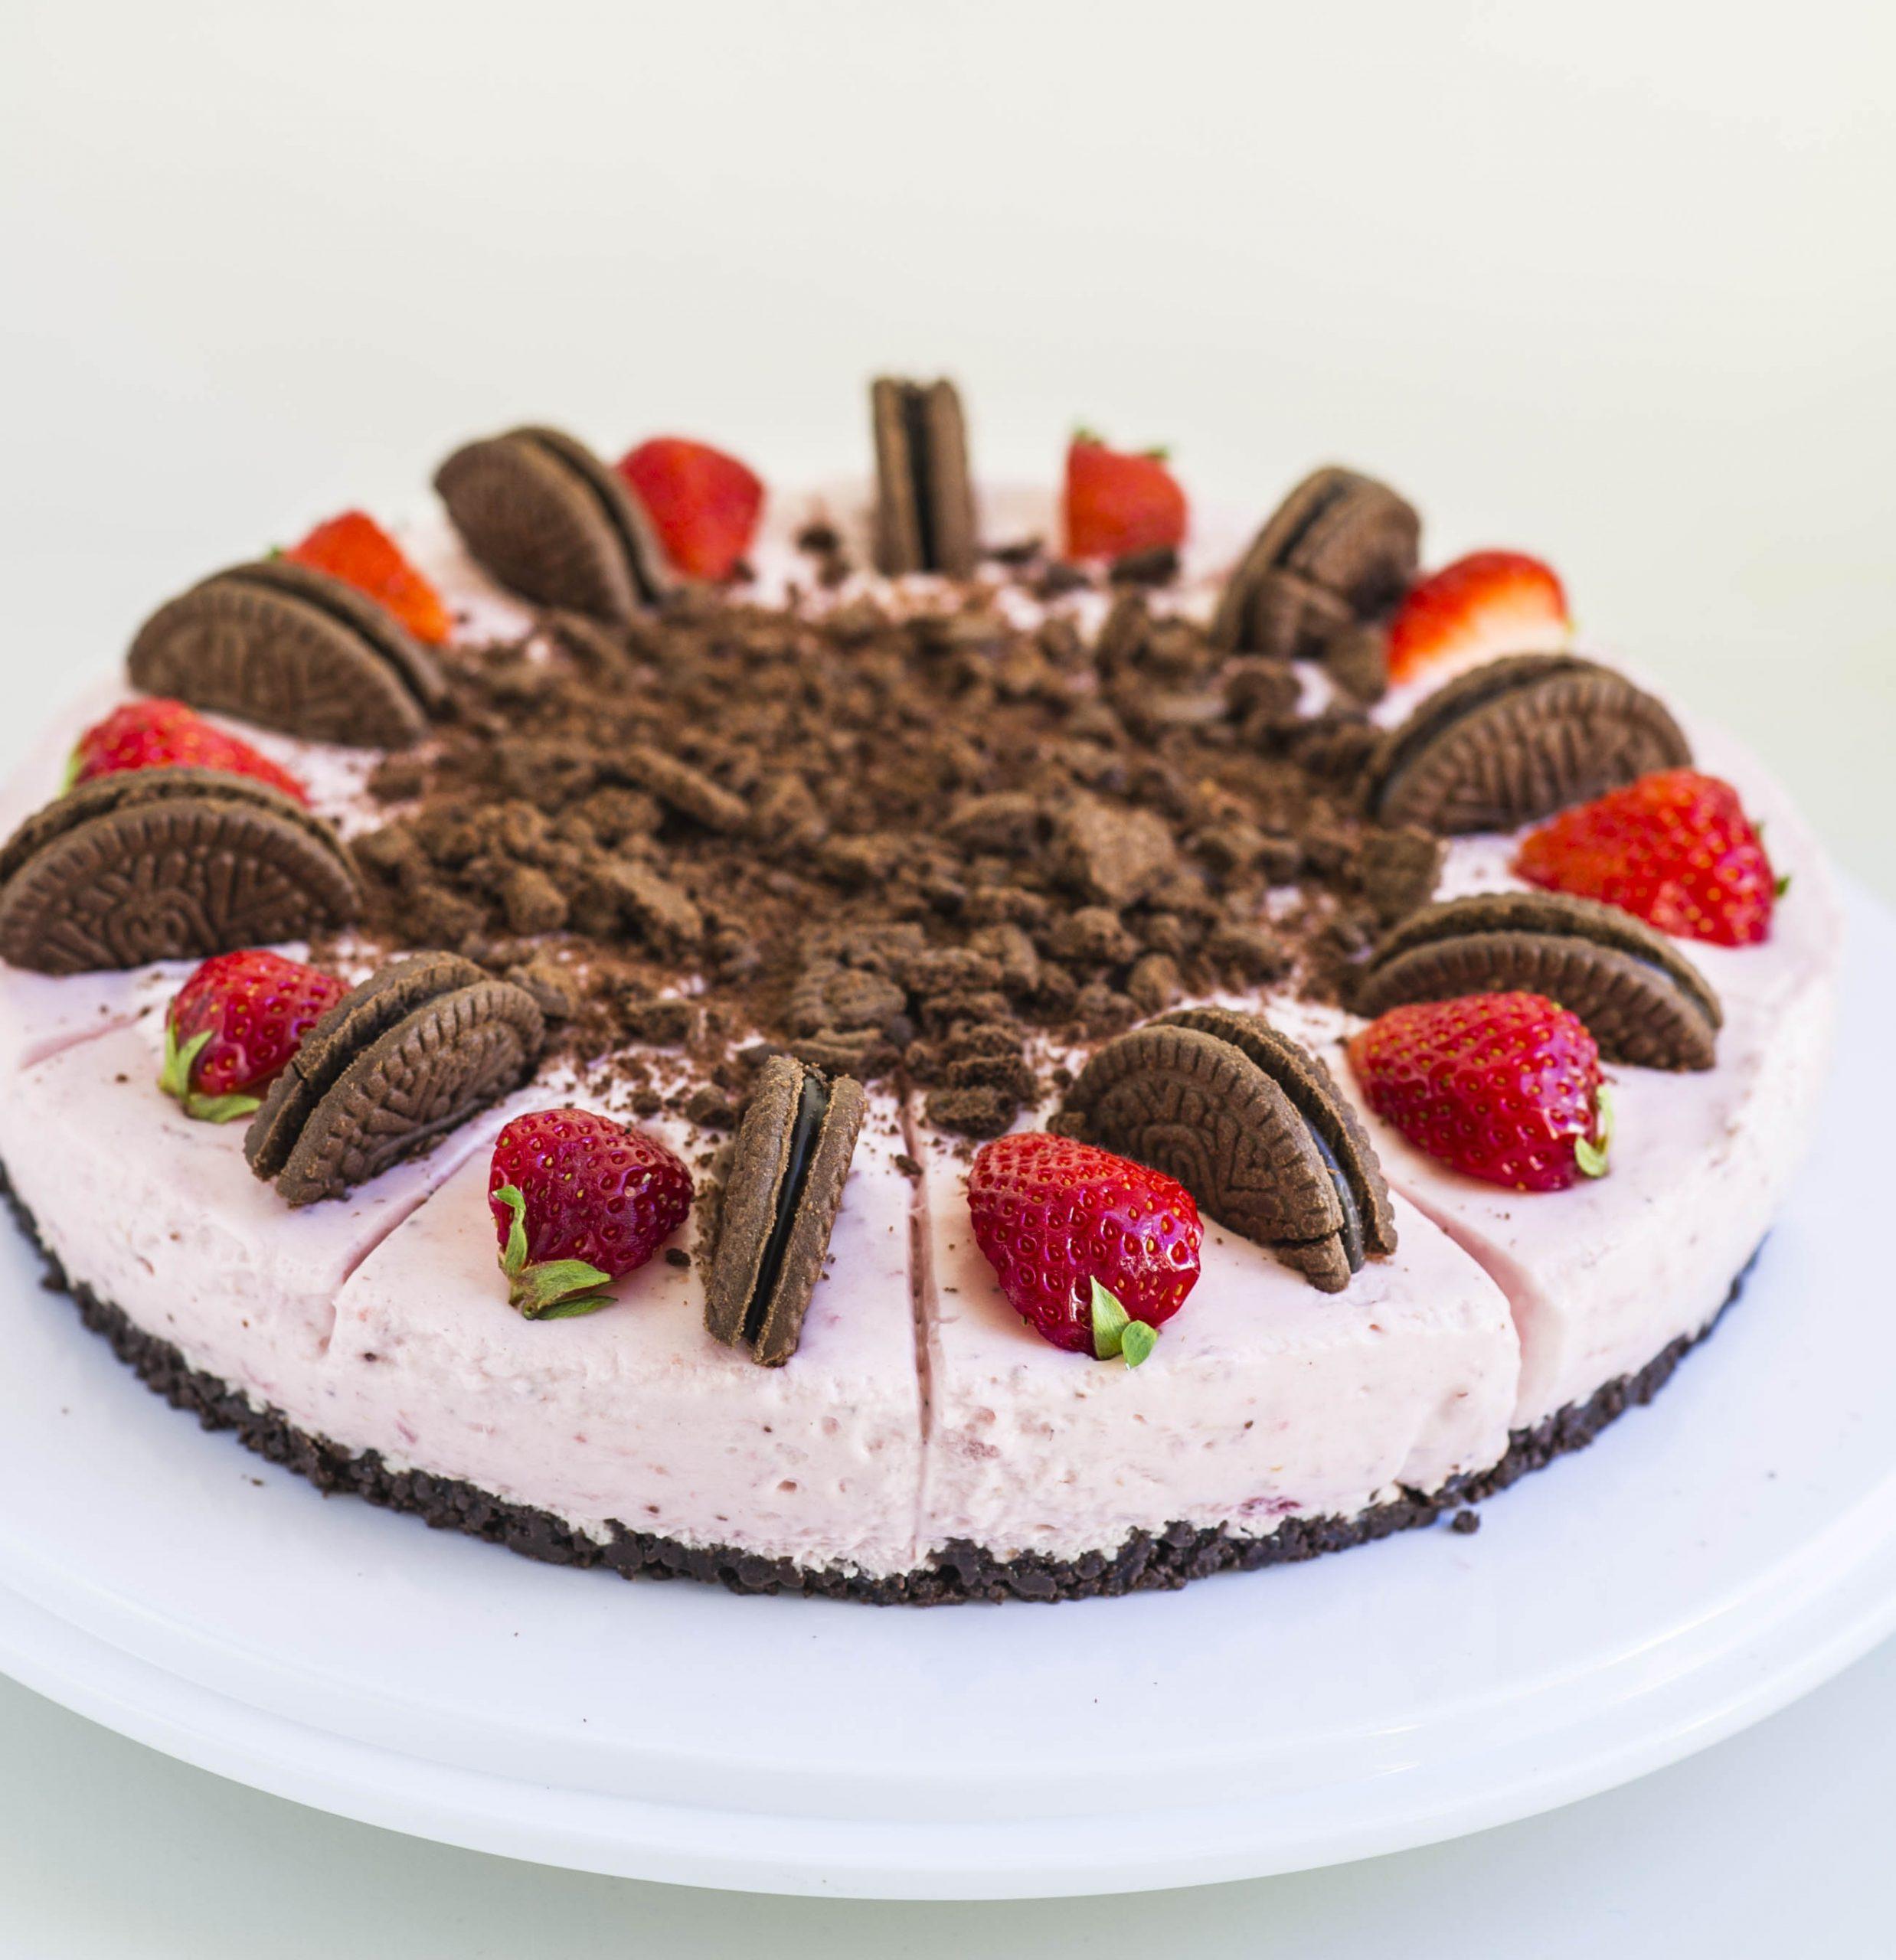 Mesikäpa tort